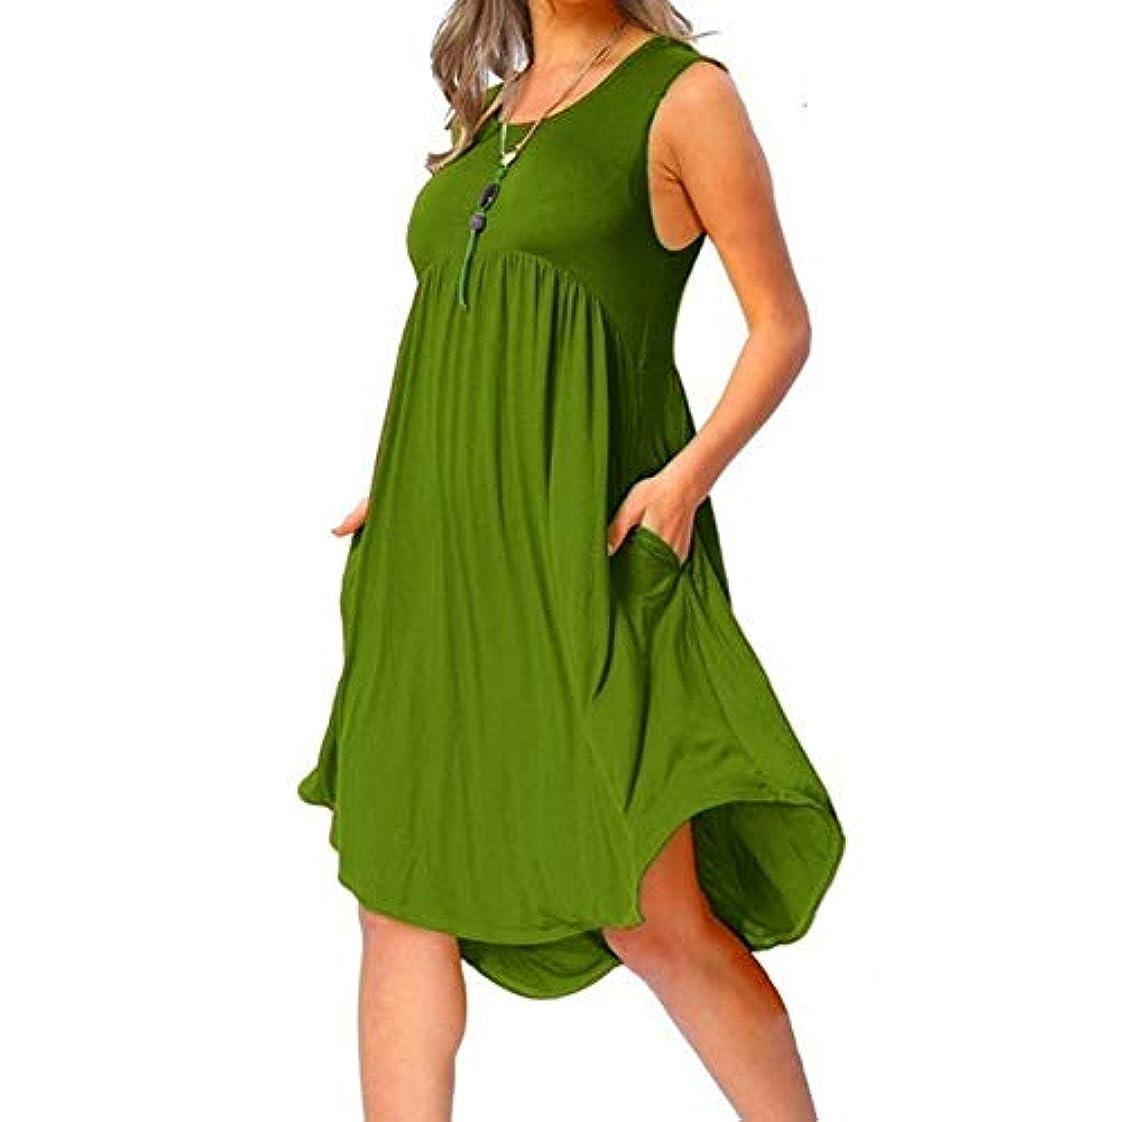 タワーミニ軍団MIFAN の女性のドレスカジュアルな不規則なドレスルースサマービーチTシャツドレス